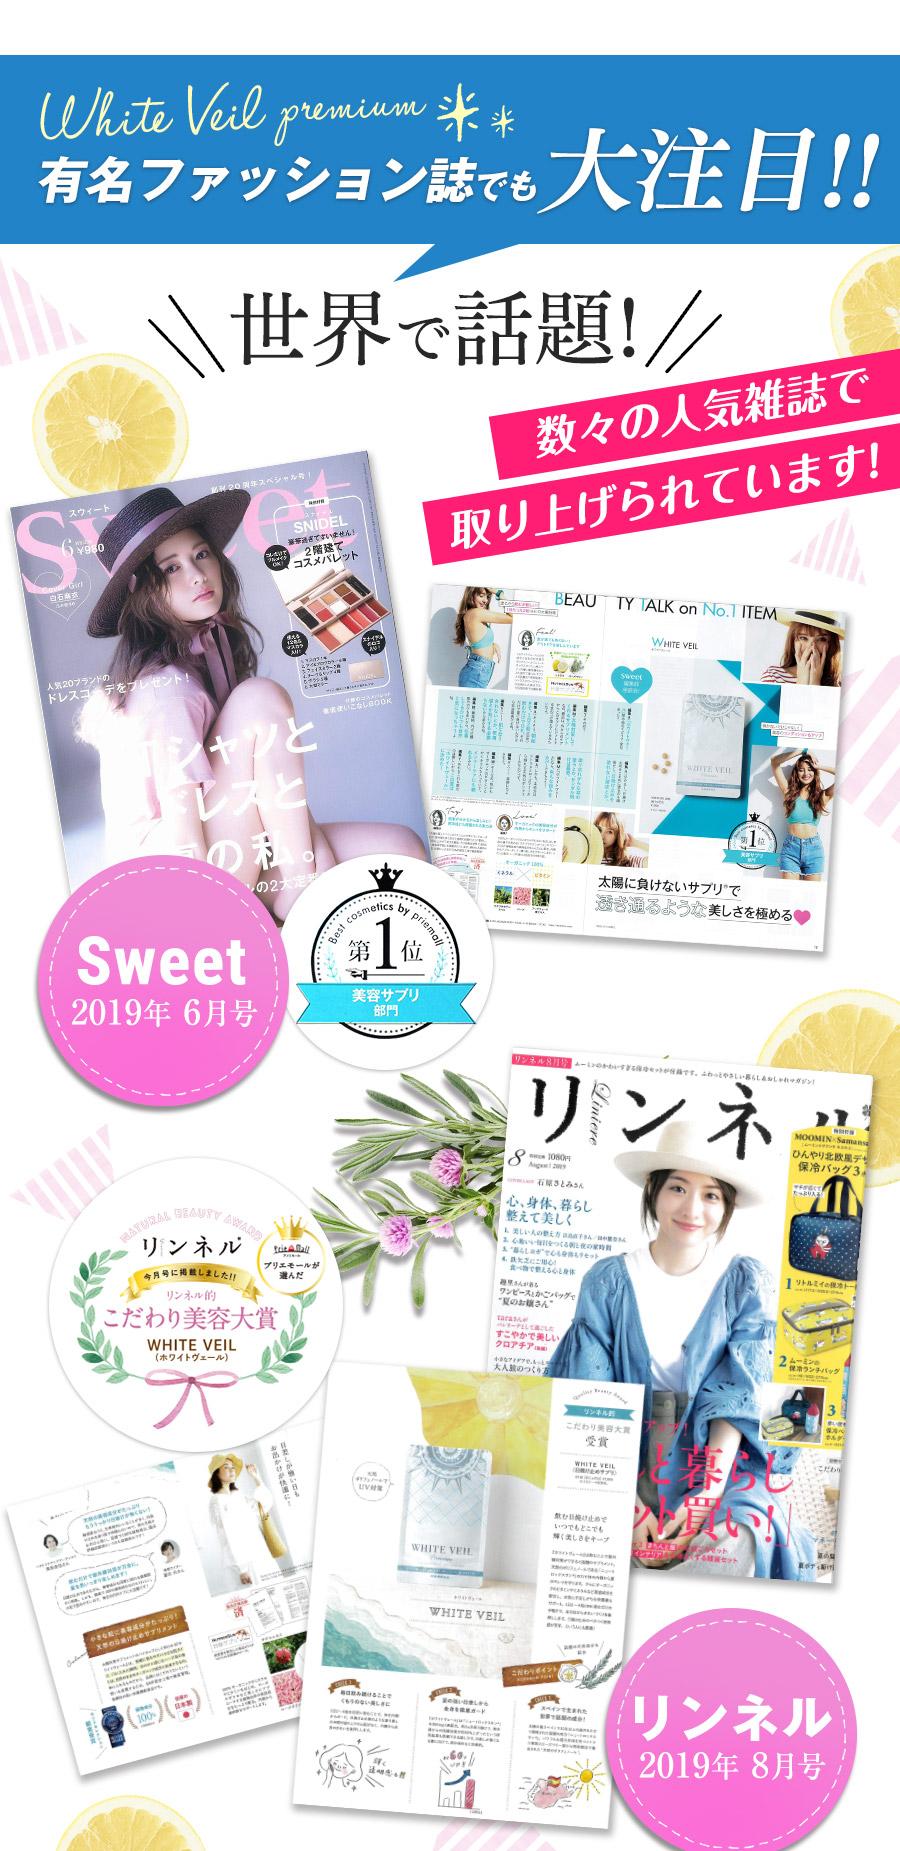 有名ファッション誌でも大注目!数々の人気雑誌で取り上げられています!